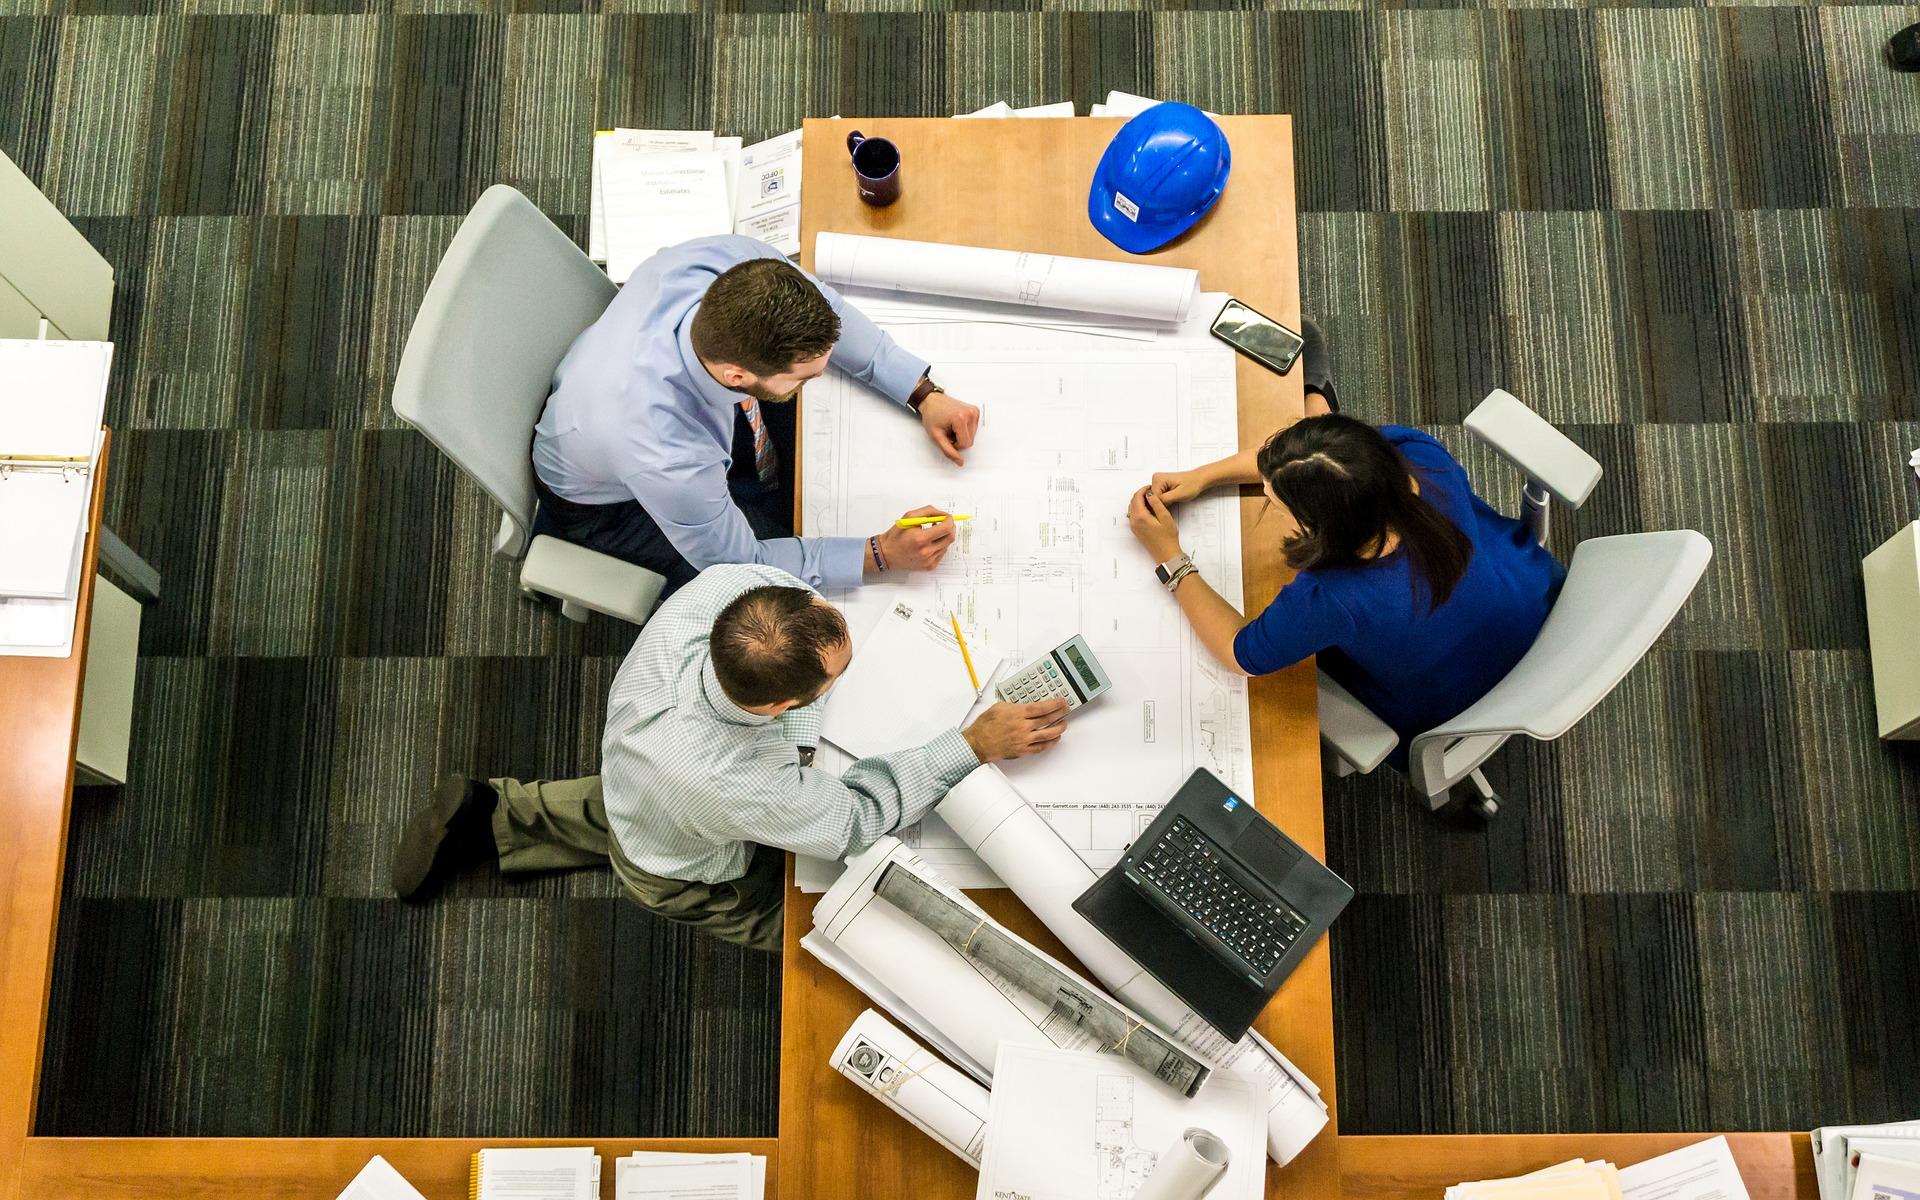 Proyectos de adecuación, licencias, proyectos eléctricos, dirección técnica, certificaciones